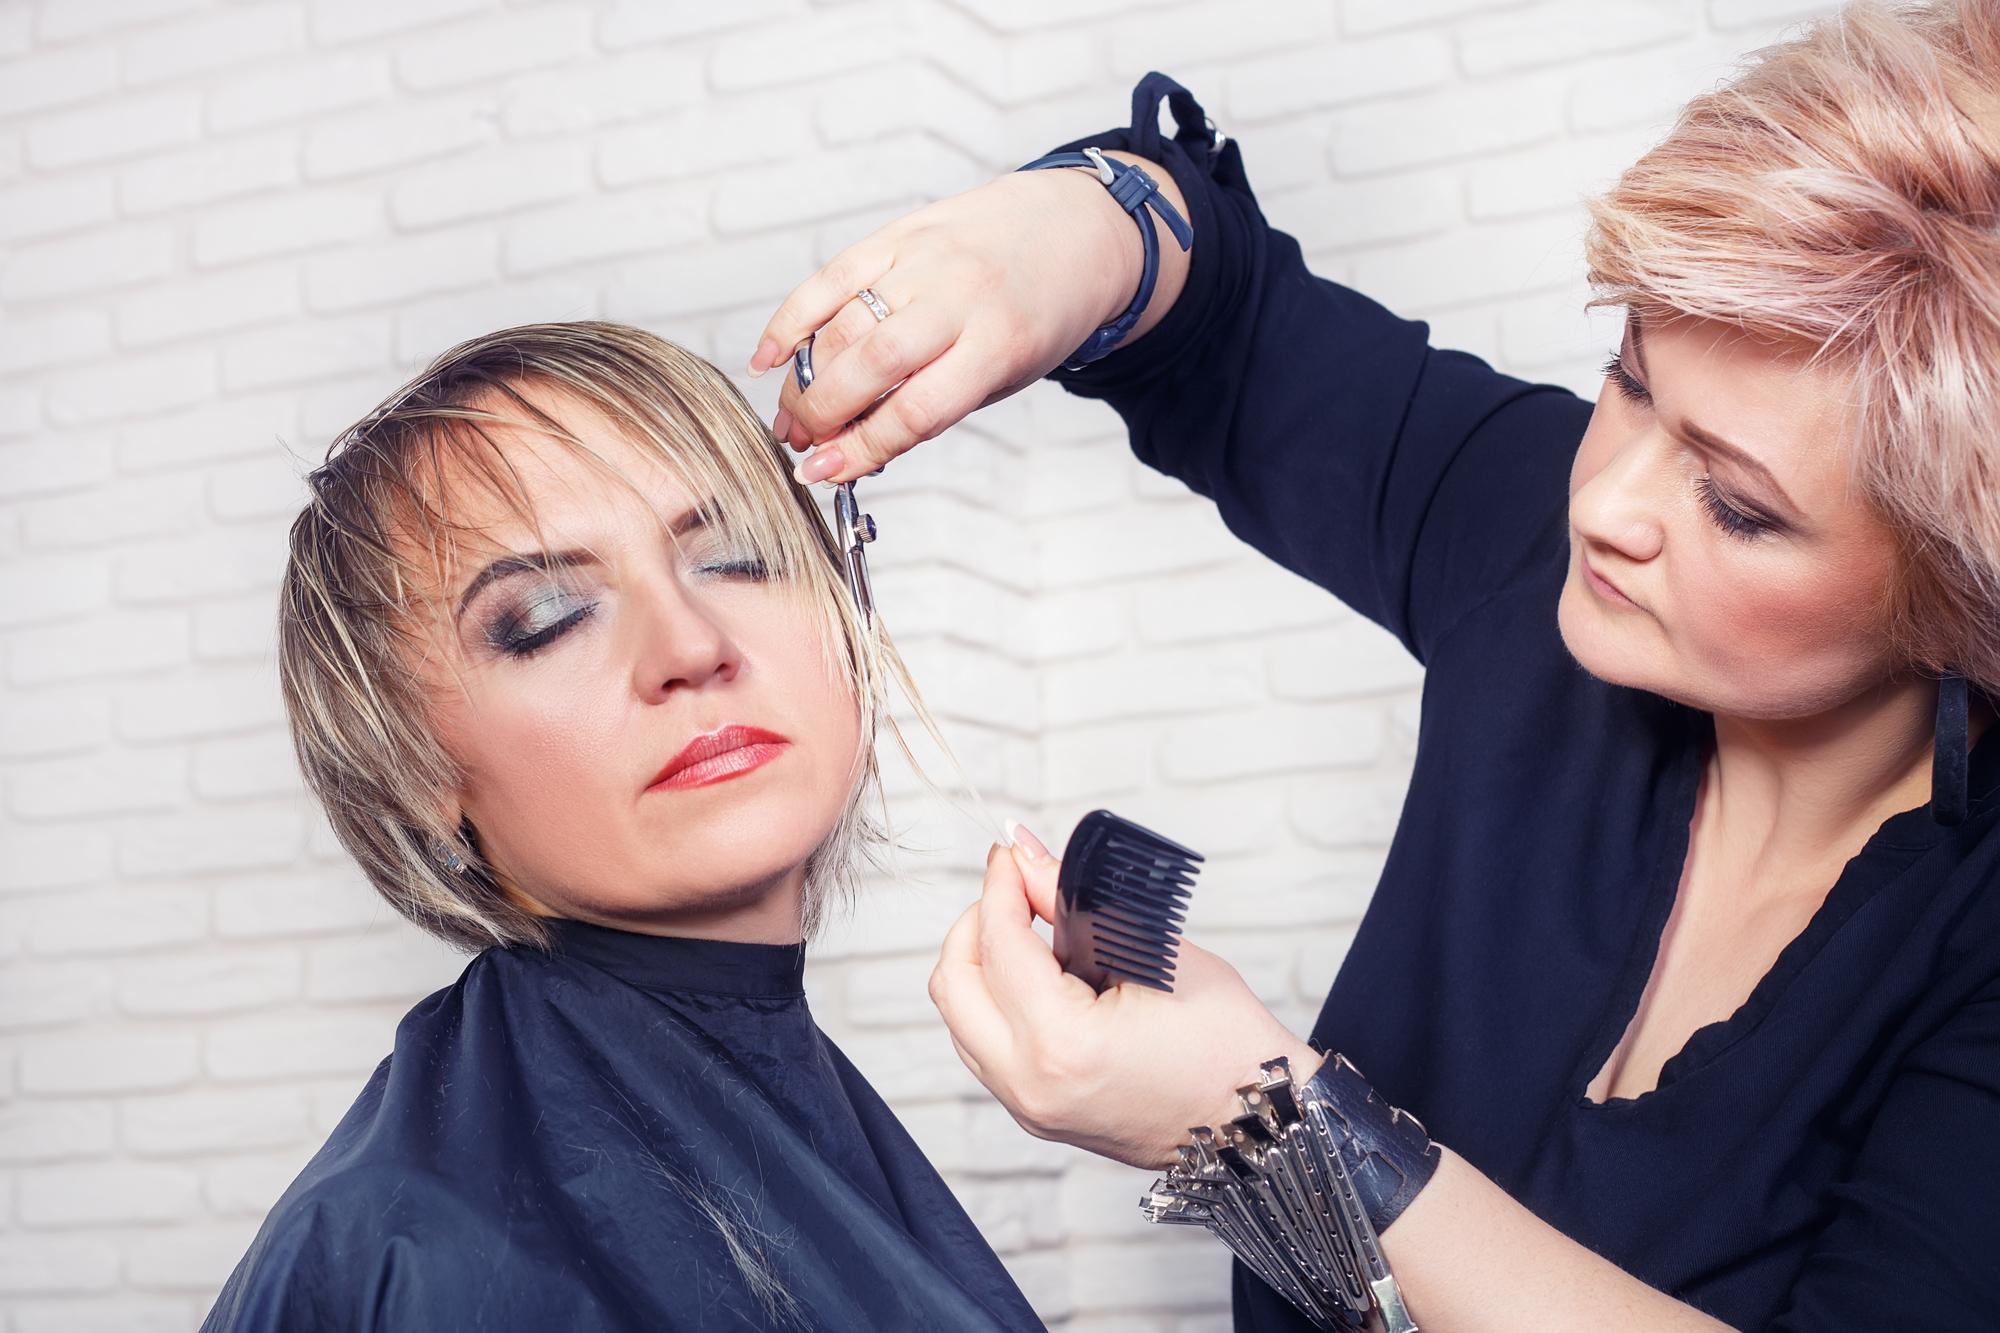 髪の毛を整えてもらう女性